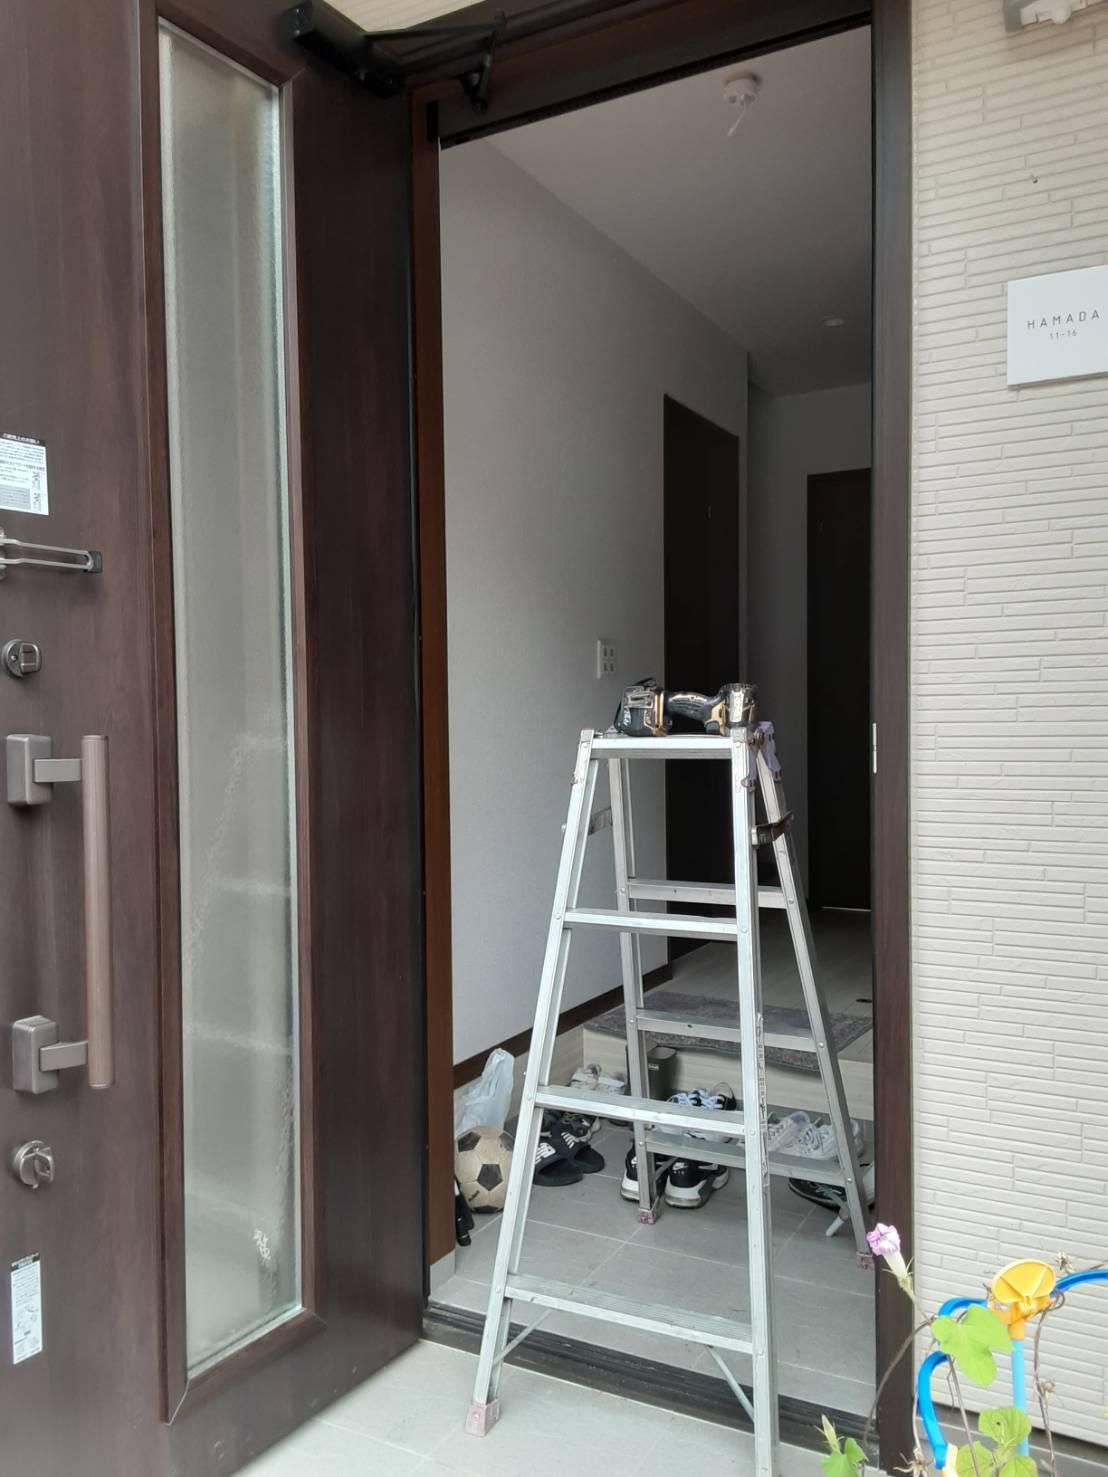 ギャラリーパティオの玄関 網戸 しまえるんですαの施工後の写真1